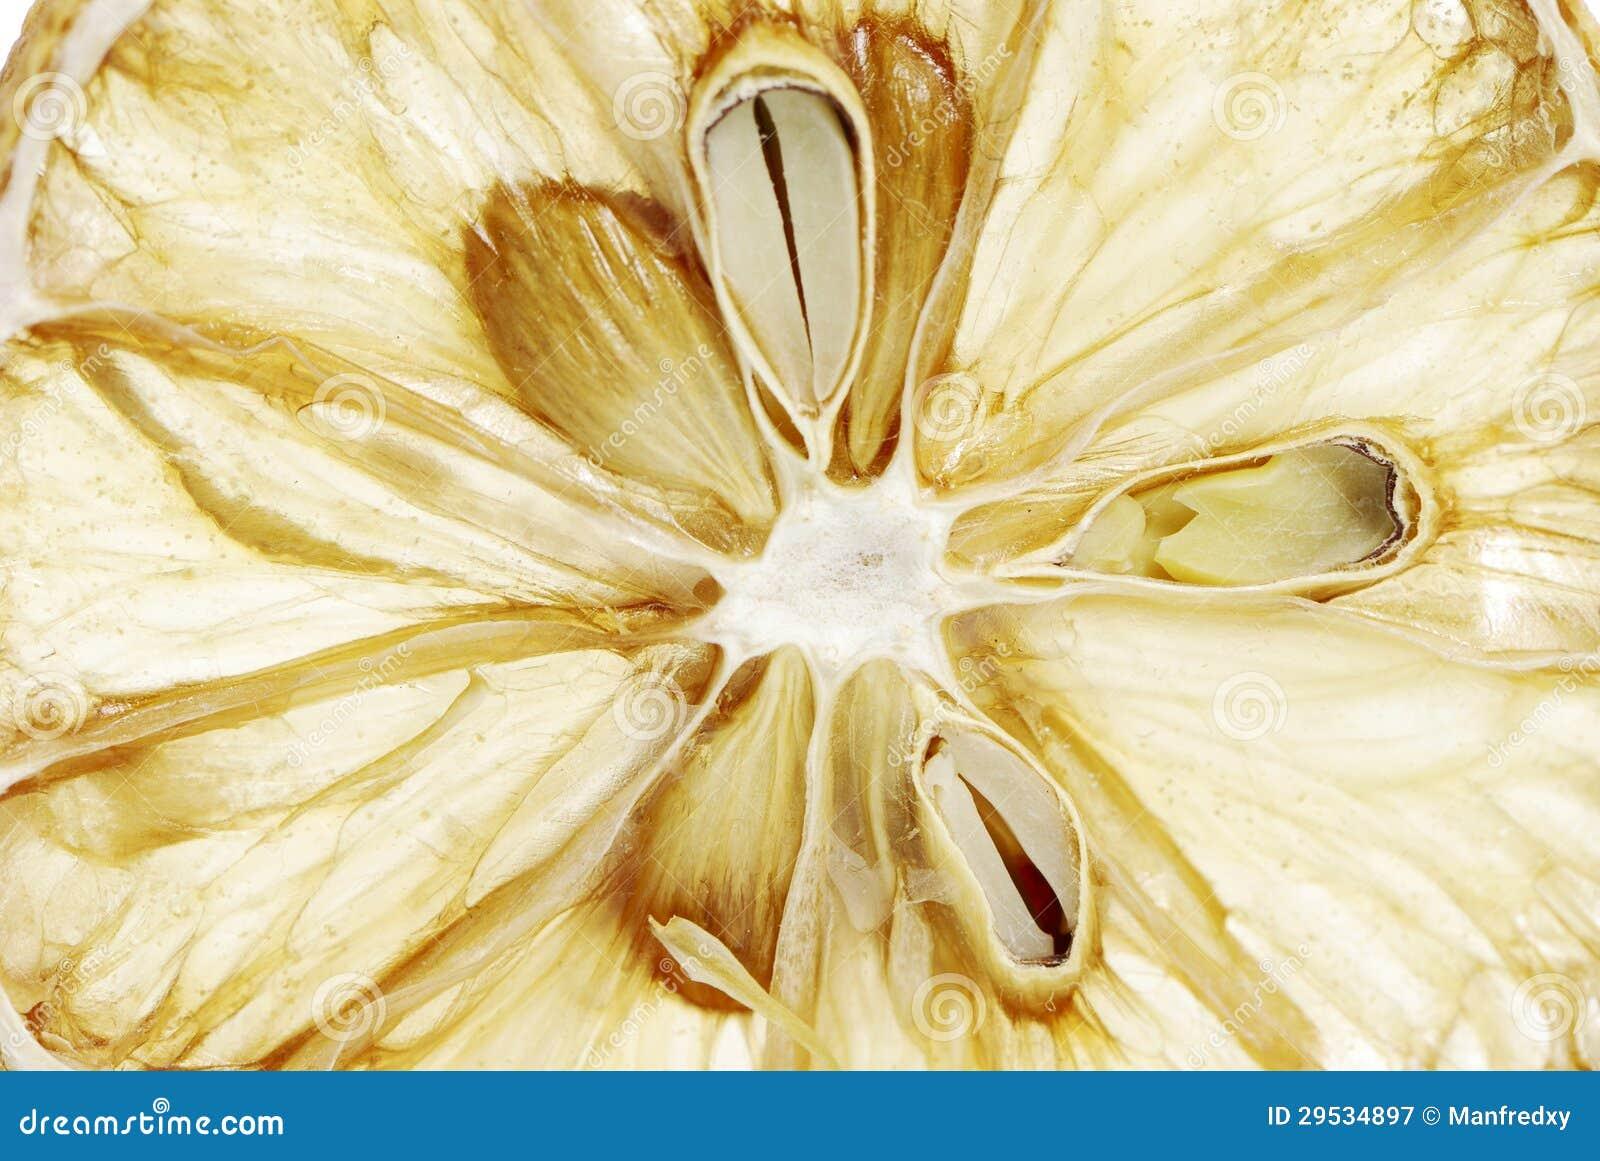 Fatia secada do limão